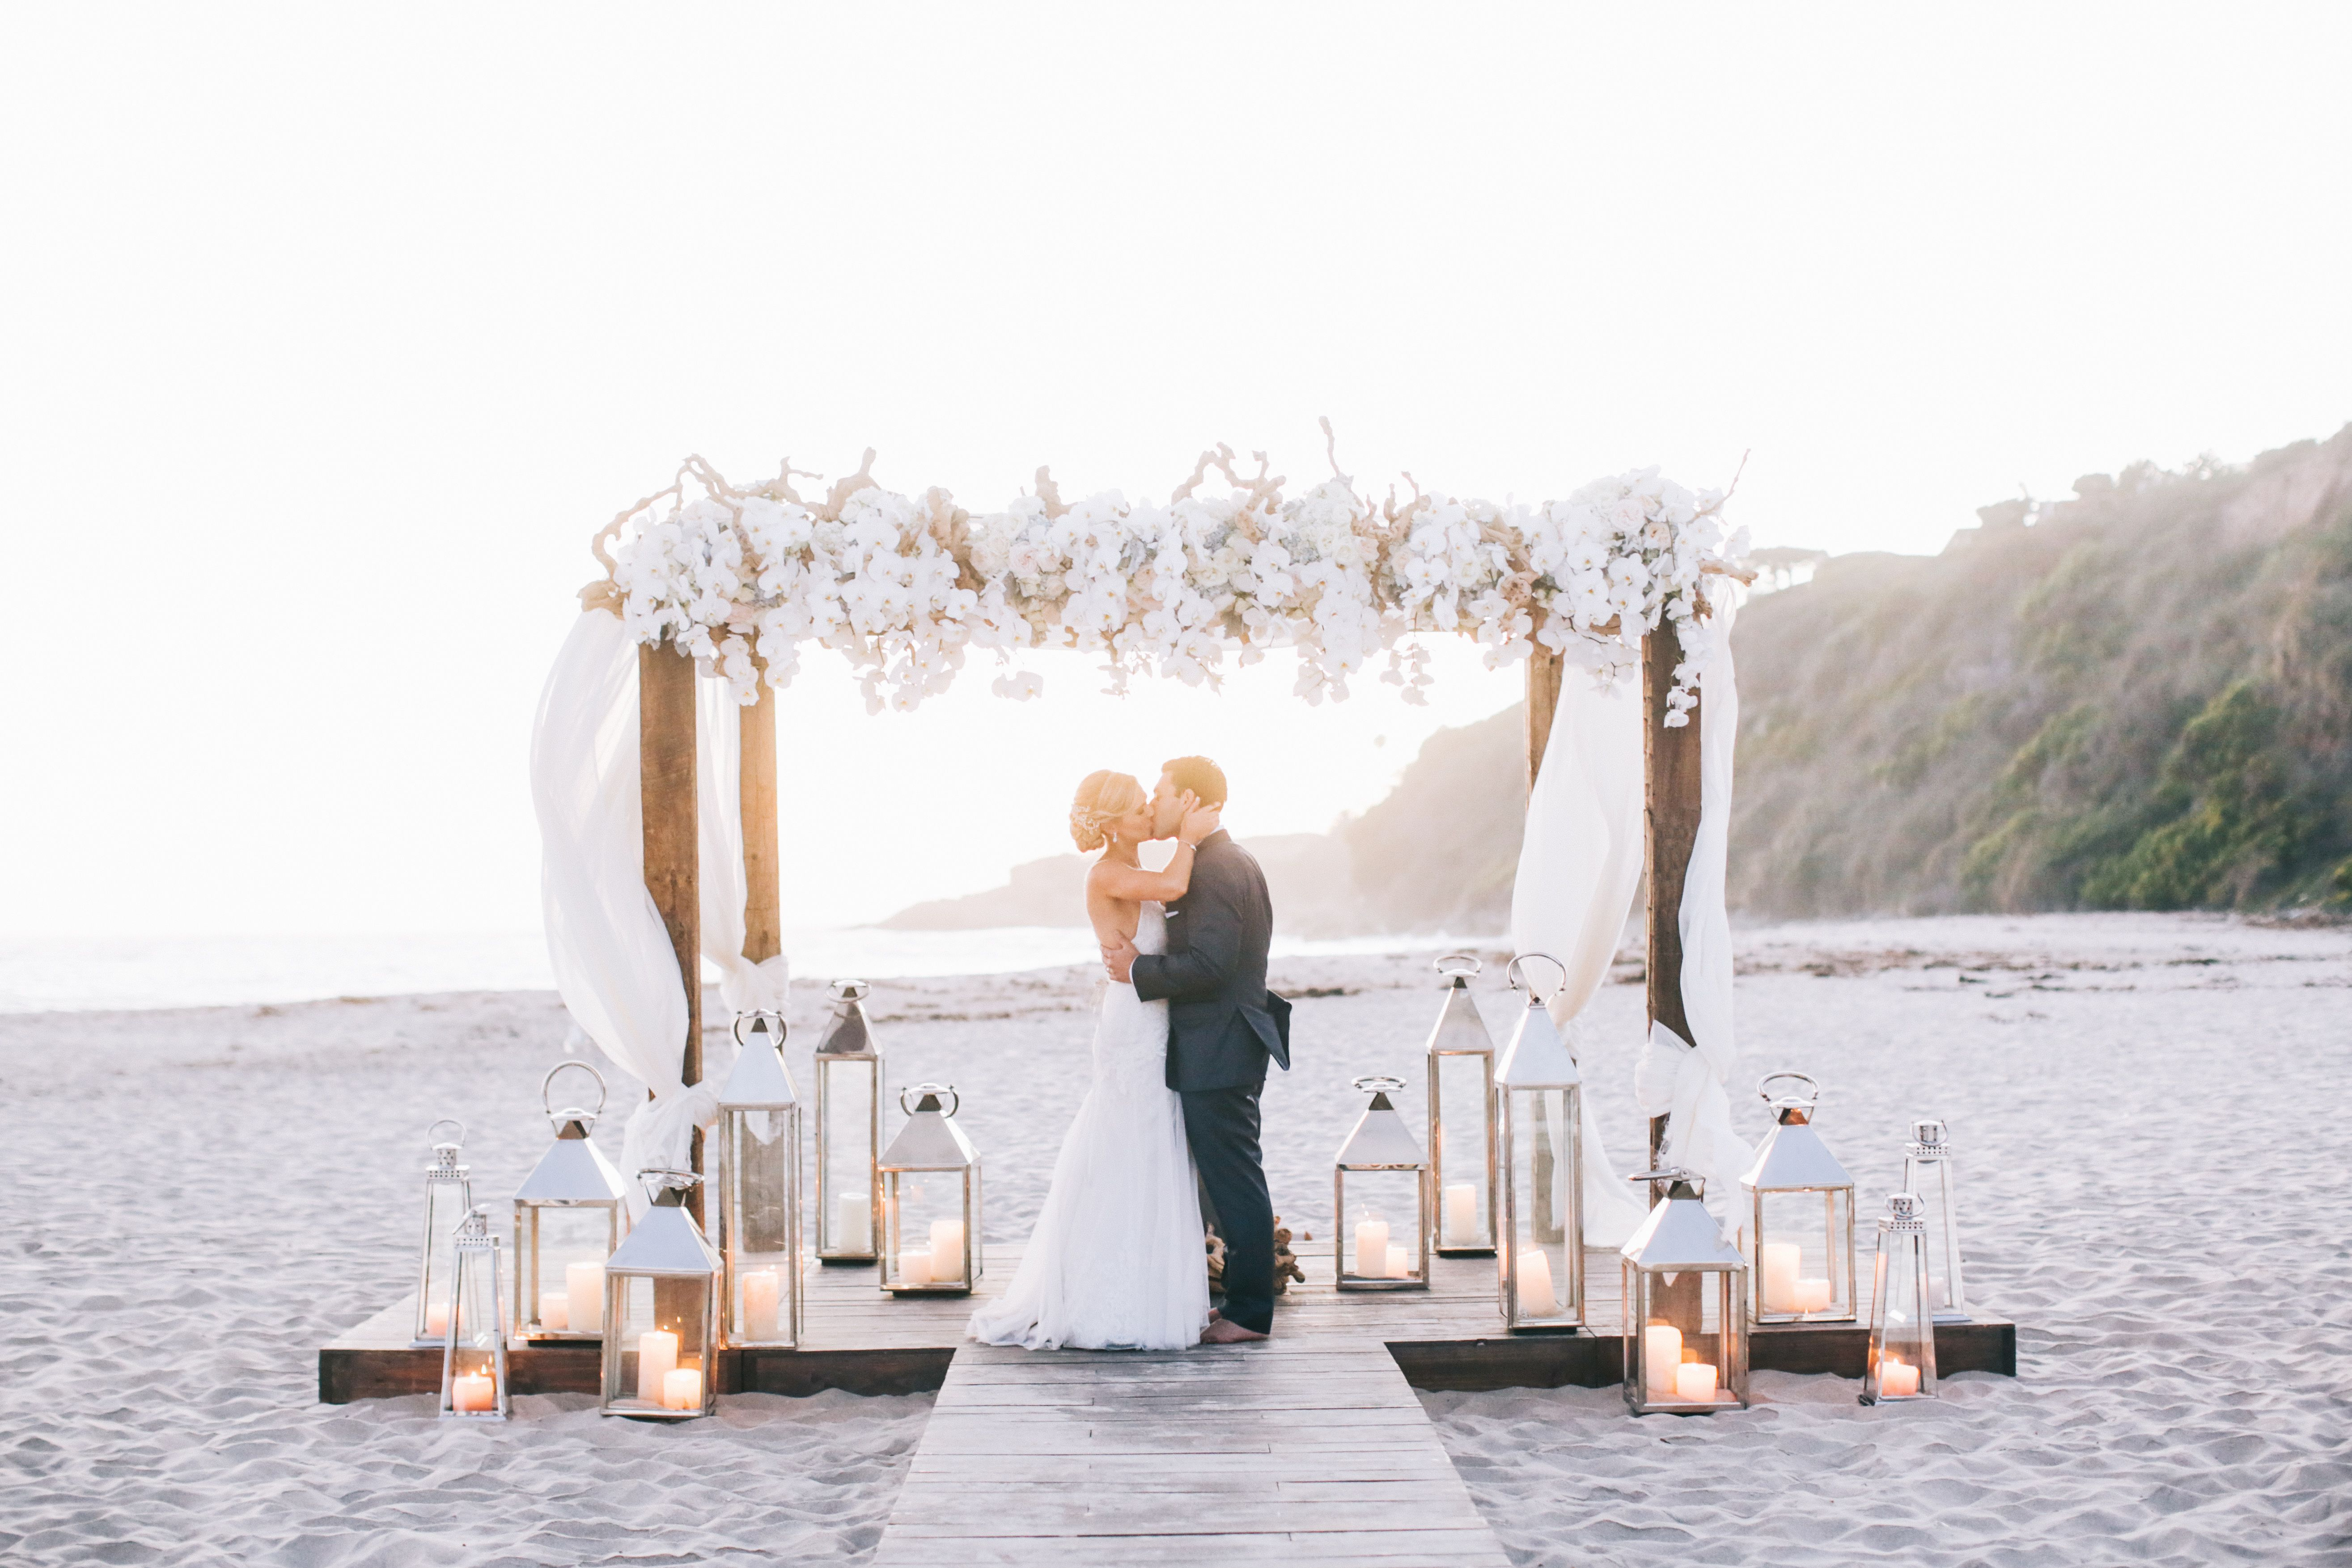 A Rustic Elegant Beach Wedding At Monarch Bay Club In Dana Point